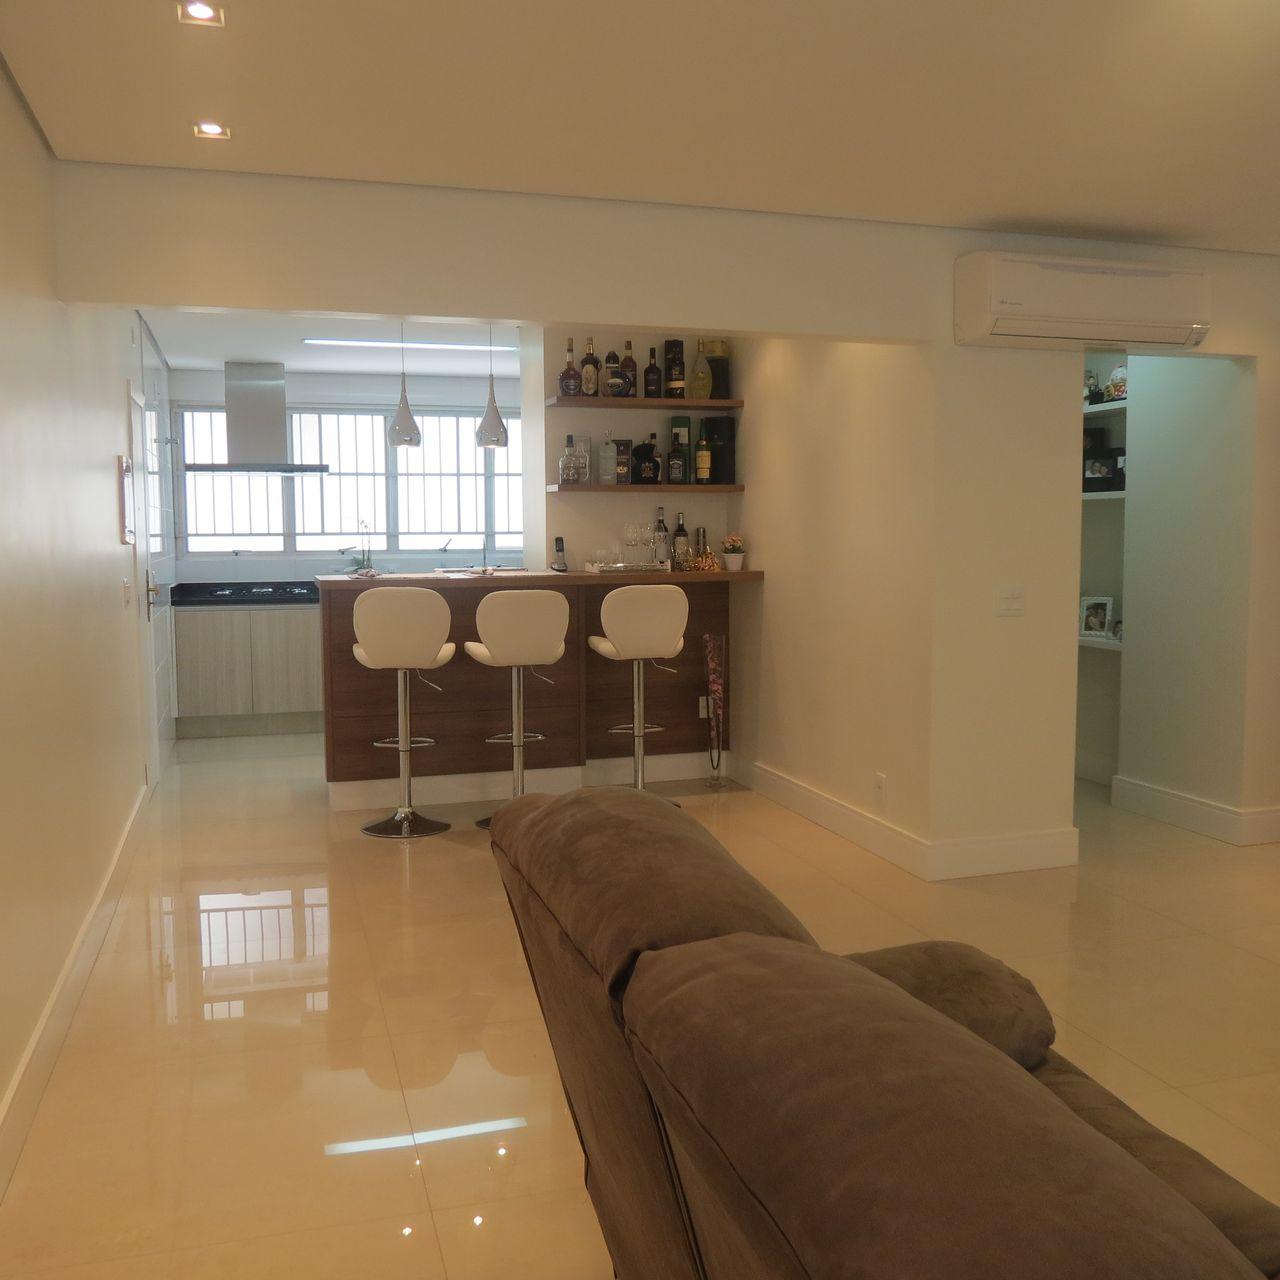 Cozinha Integrada Com Sala E Bar De Danielle David 137175 No Viva  -> Sala E Cozinha Integrada Como Decorar